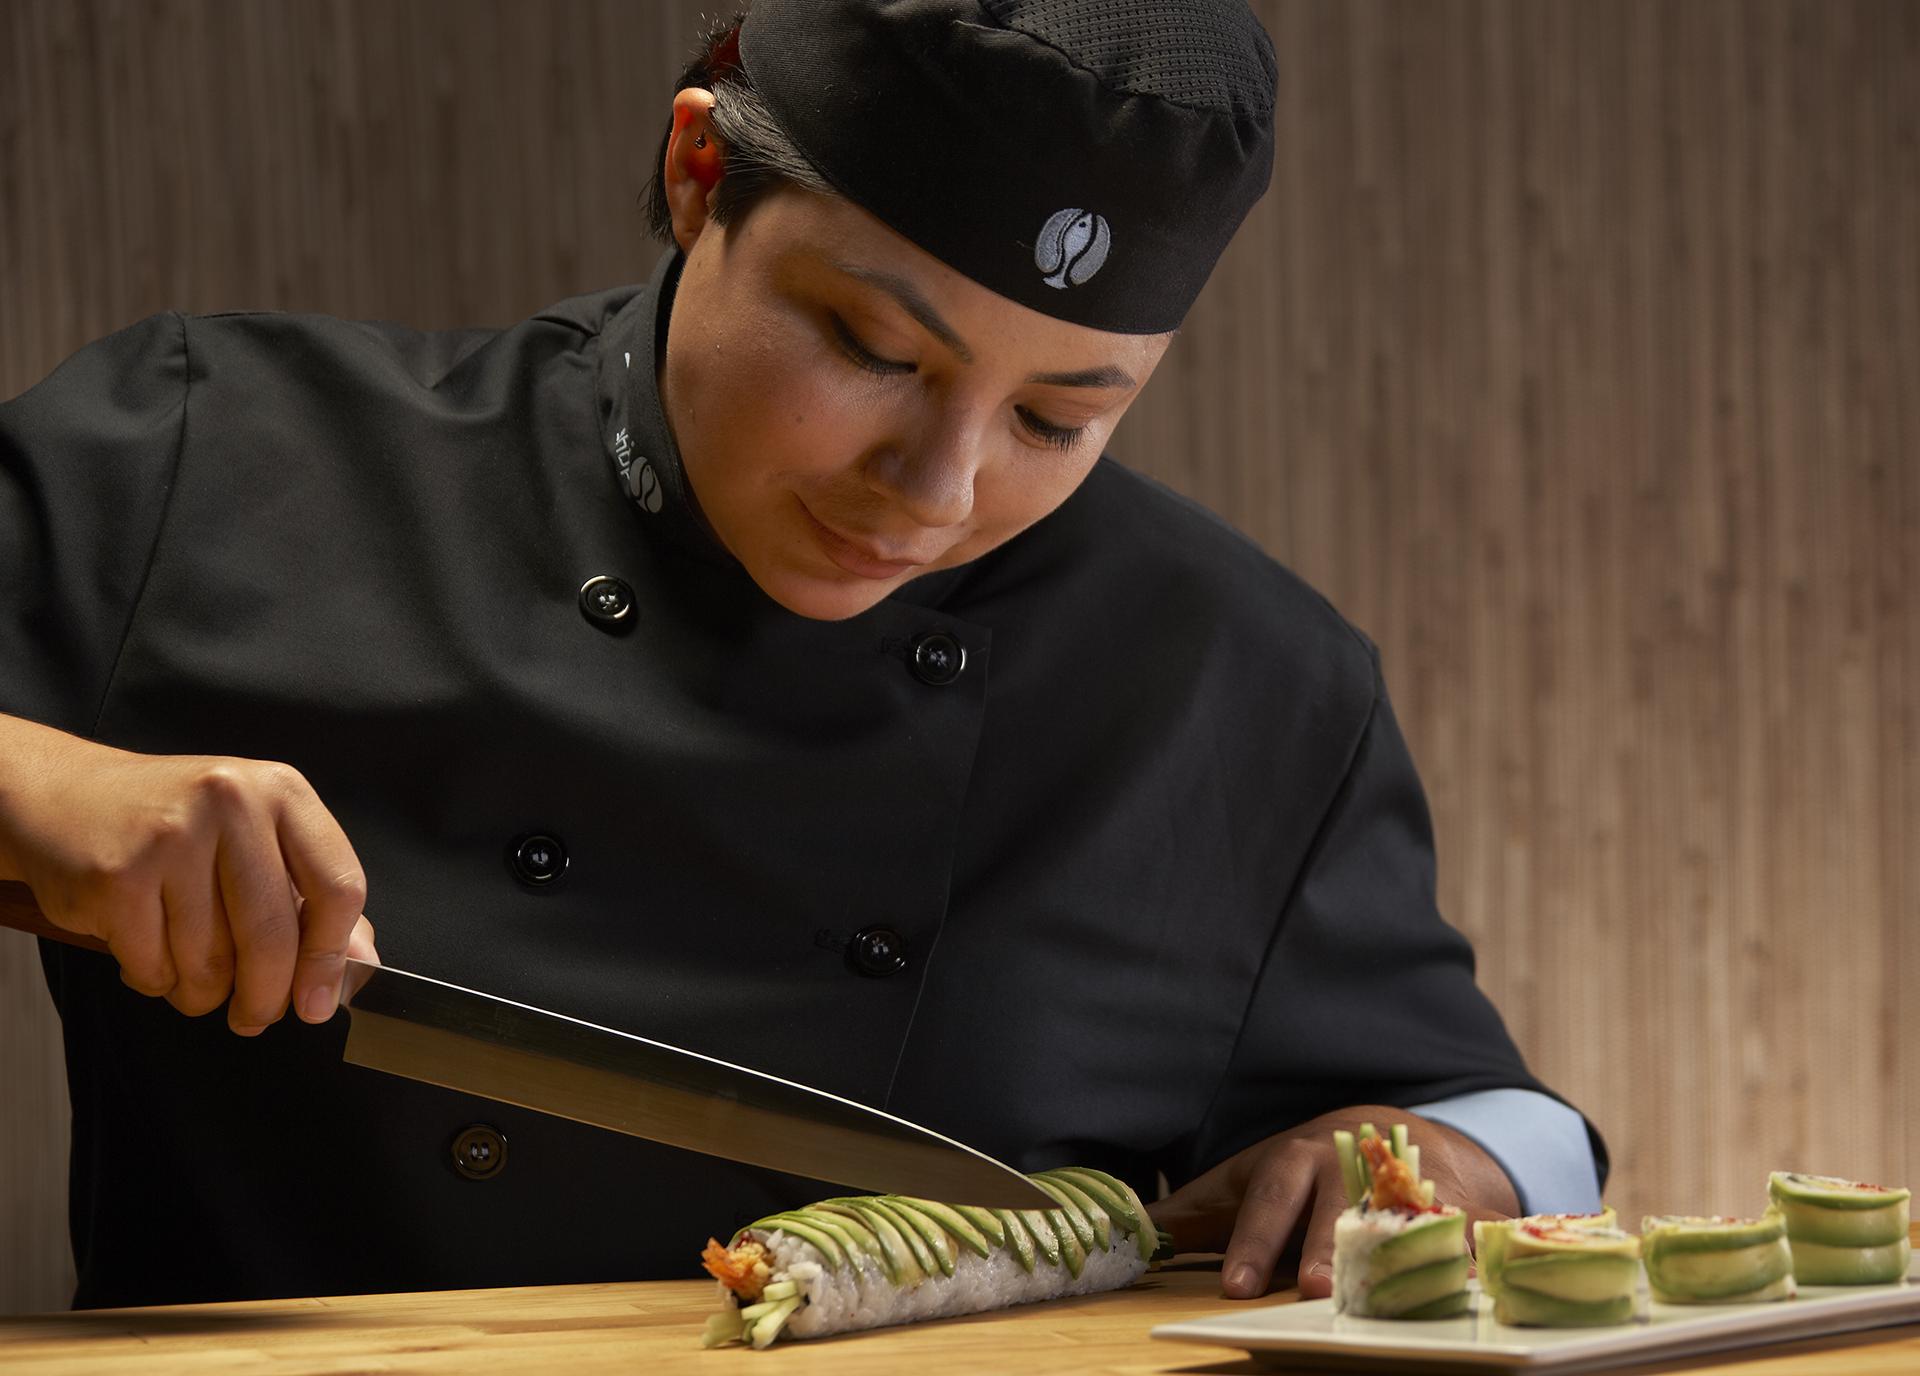 photographe-publicitaire-sushi-shop-tango-photographie